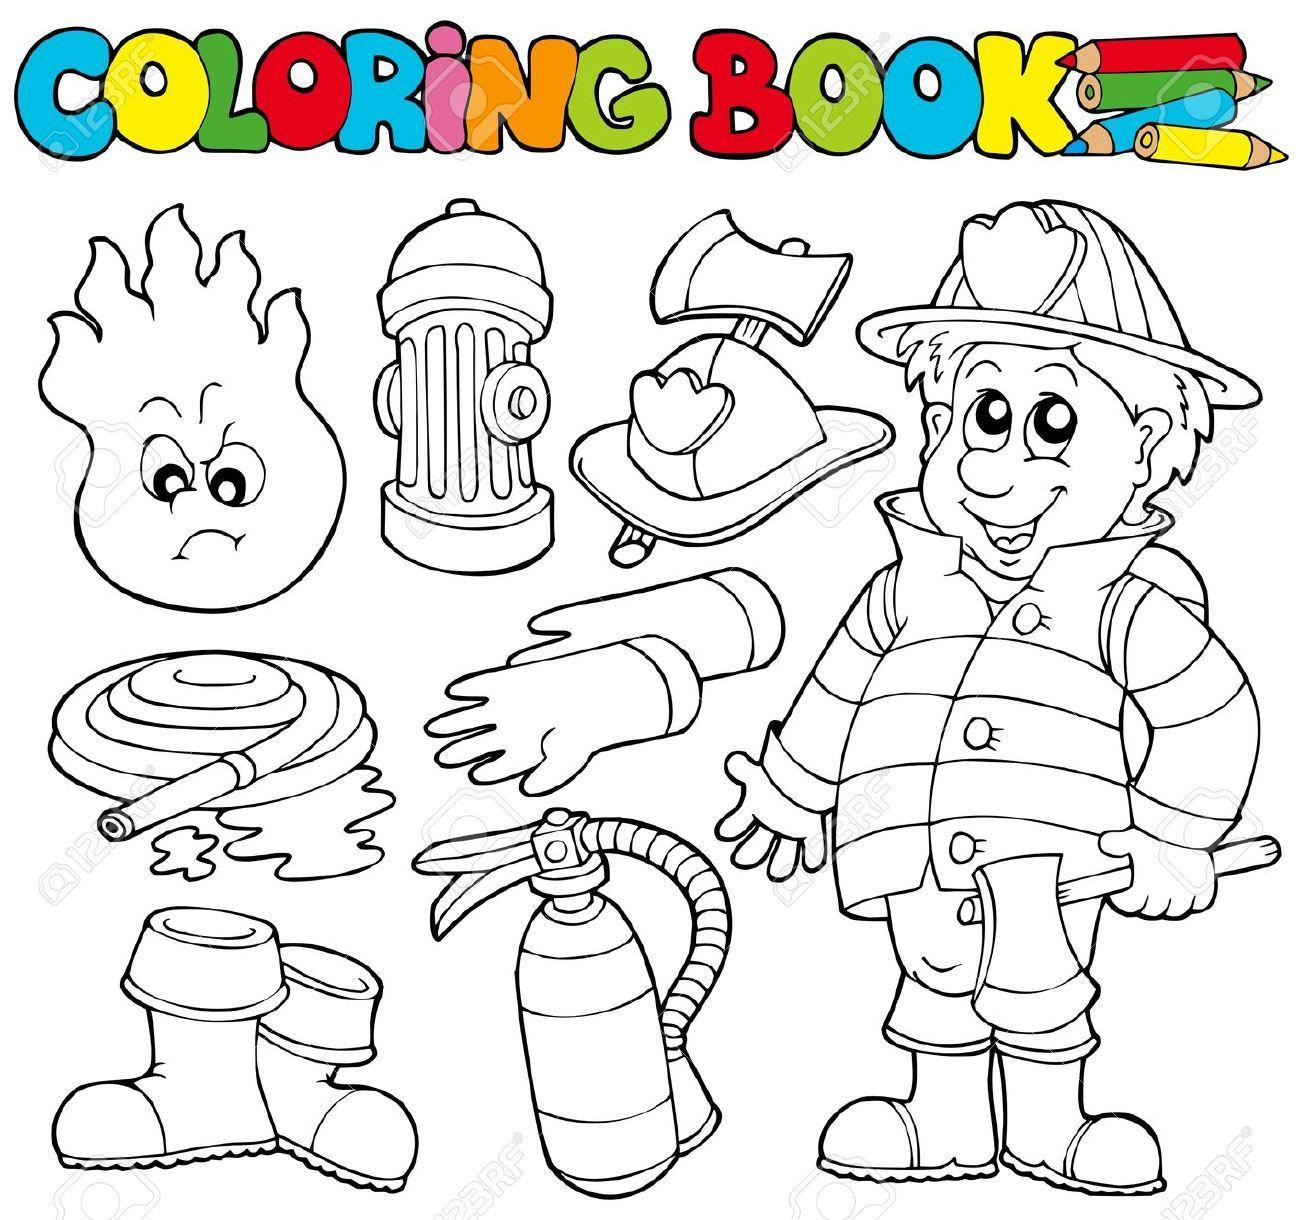 herramientas de carpintero para colorear - Buscar con Google ...